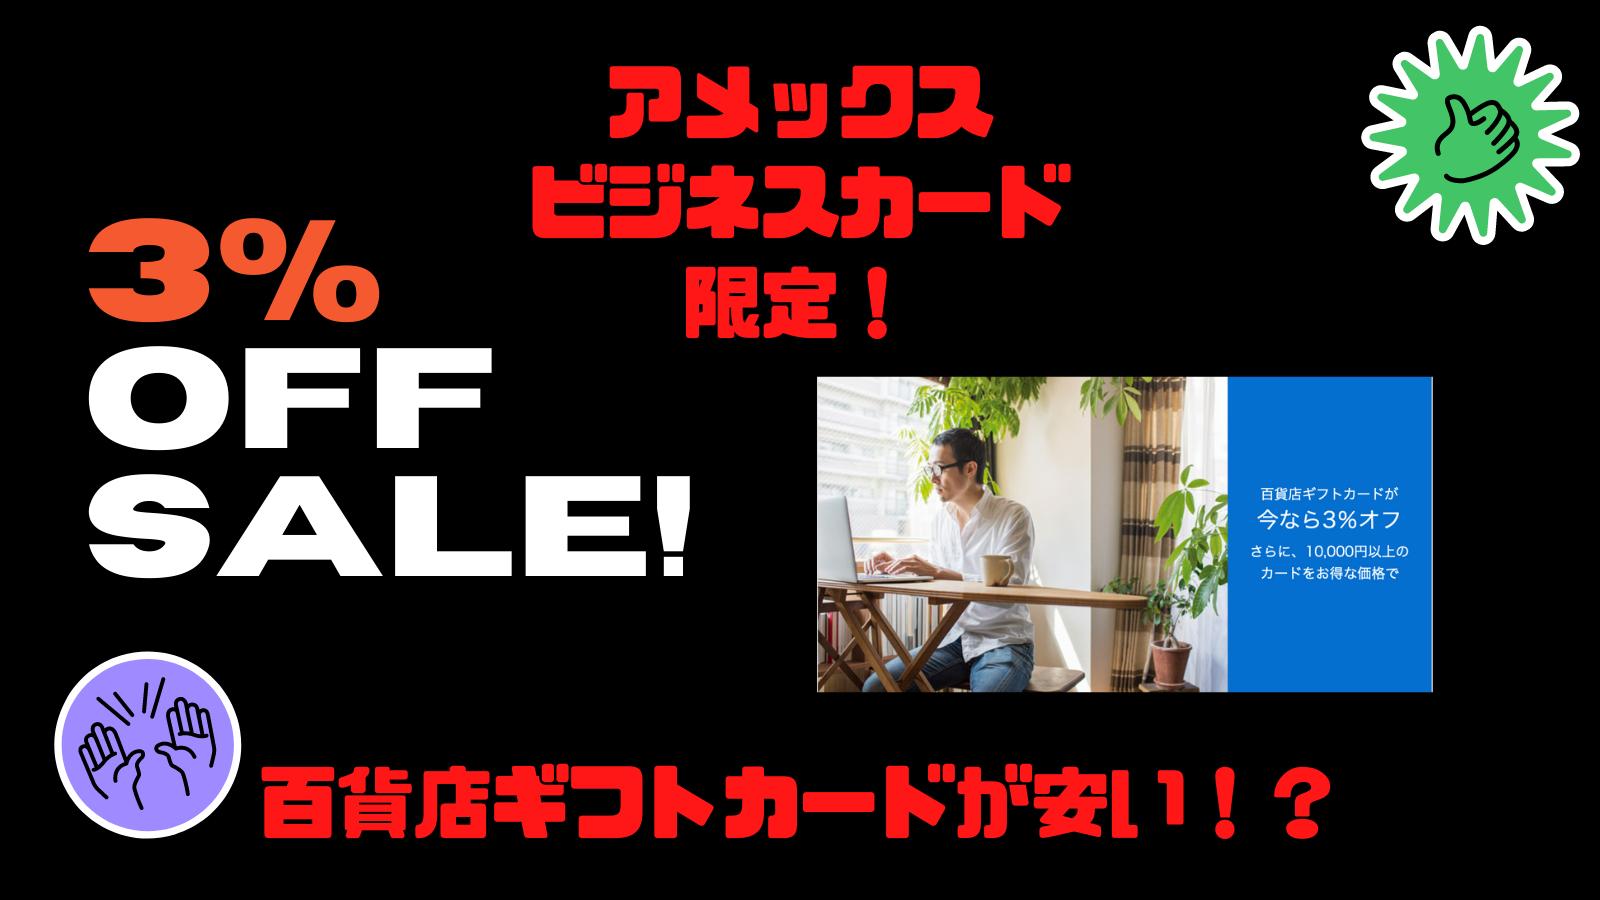 【紹介コードあり】初年度無料のアメックスビジネス限定で百貨店ギフトカード3%安く買える!